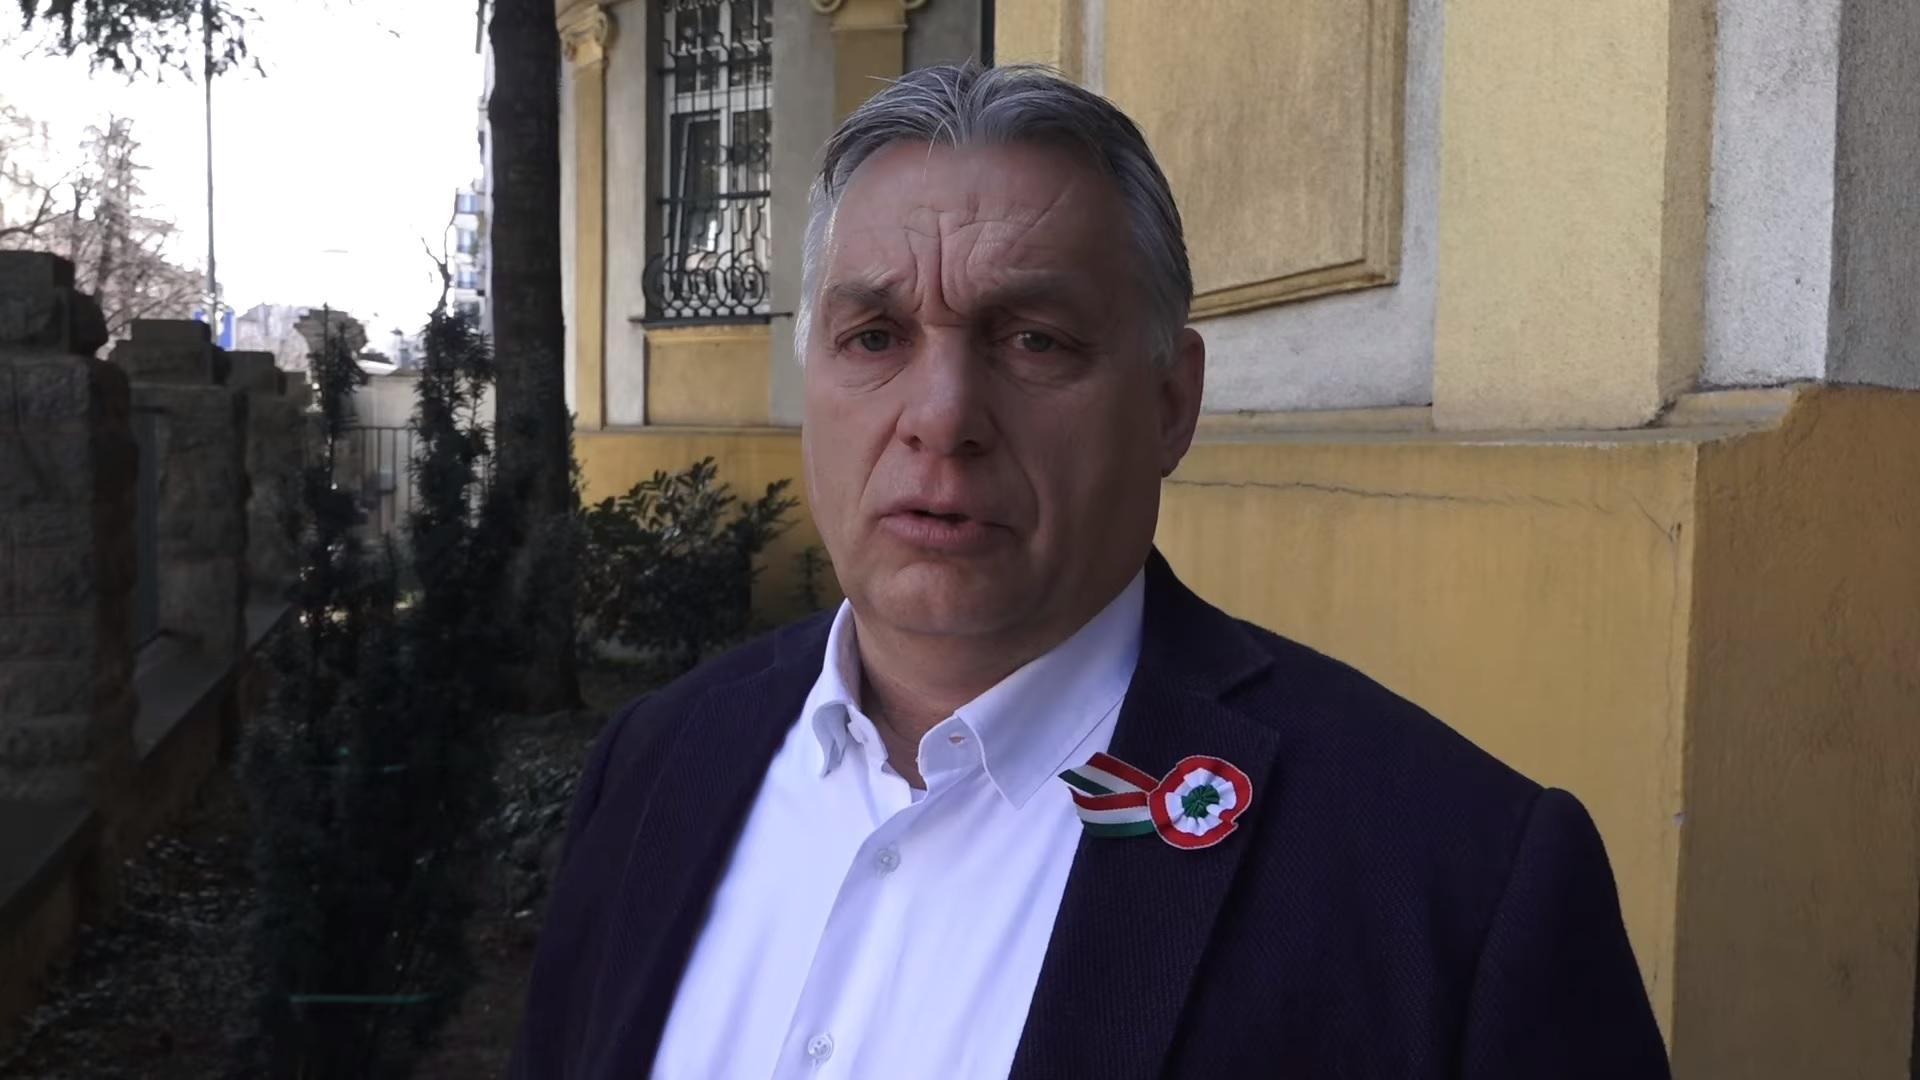 """Orbán Viktor válaszolni akart Soros György publicisztikájára, pedig sokan azt tanácsolták neki, hogy egy miniszterelnök ne vitatkozzon """"gazdasági bűnözőkkel"""", de mégis megírta a cikket, ami aztán nem jelenhetett meg ott, ahol szerette volna, így a saját oldalán hozta le"""